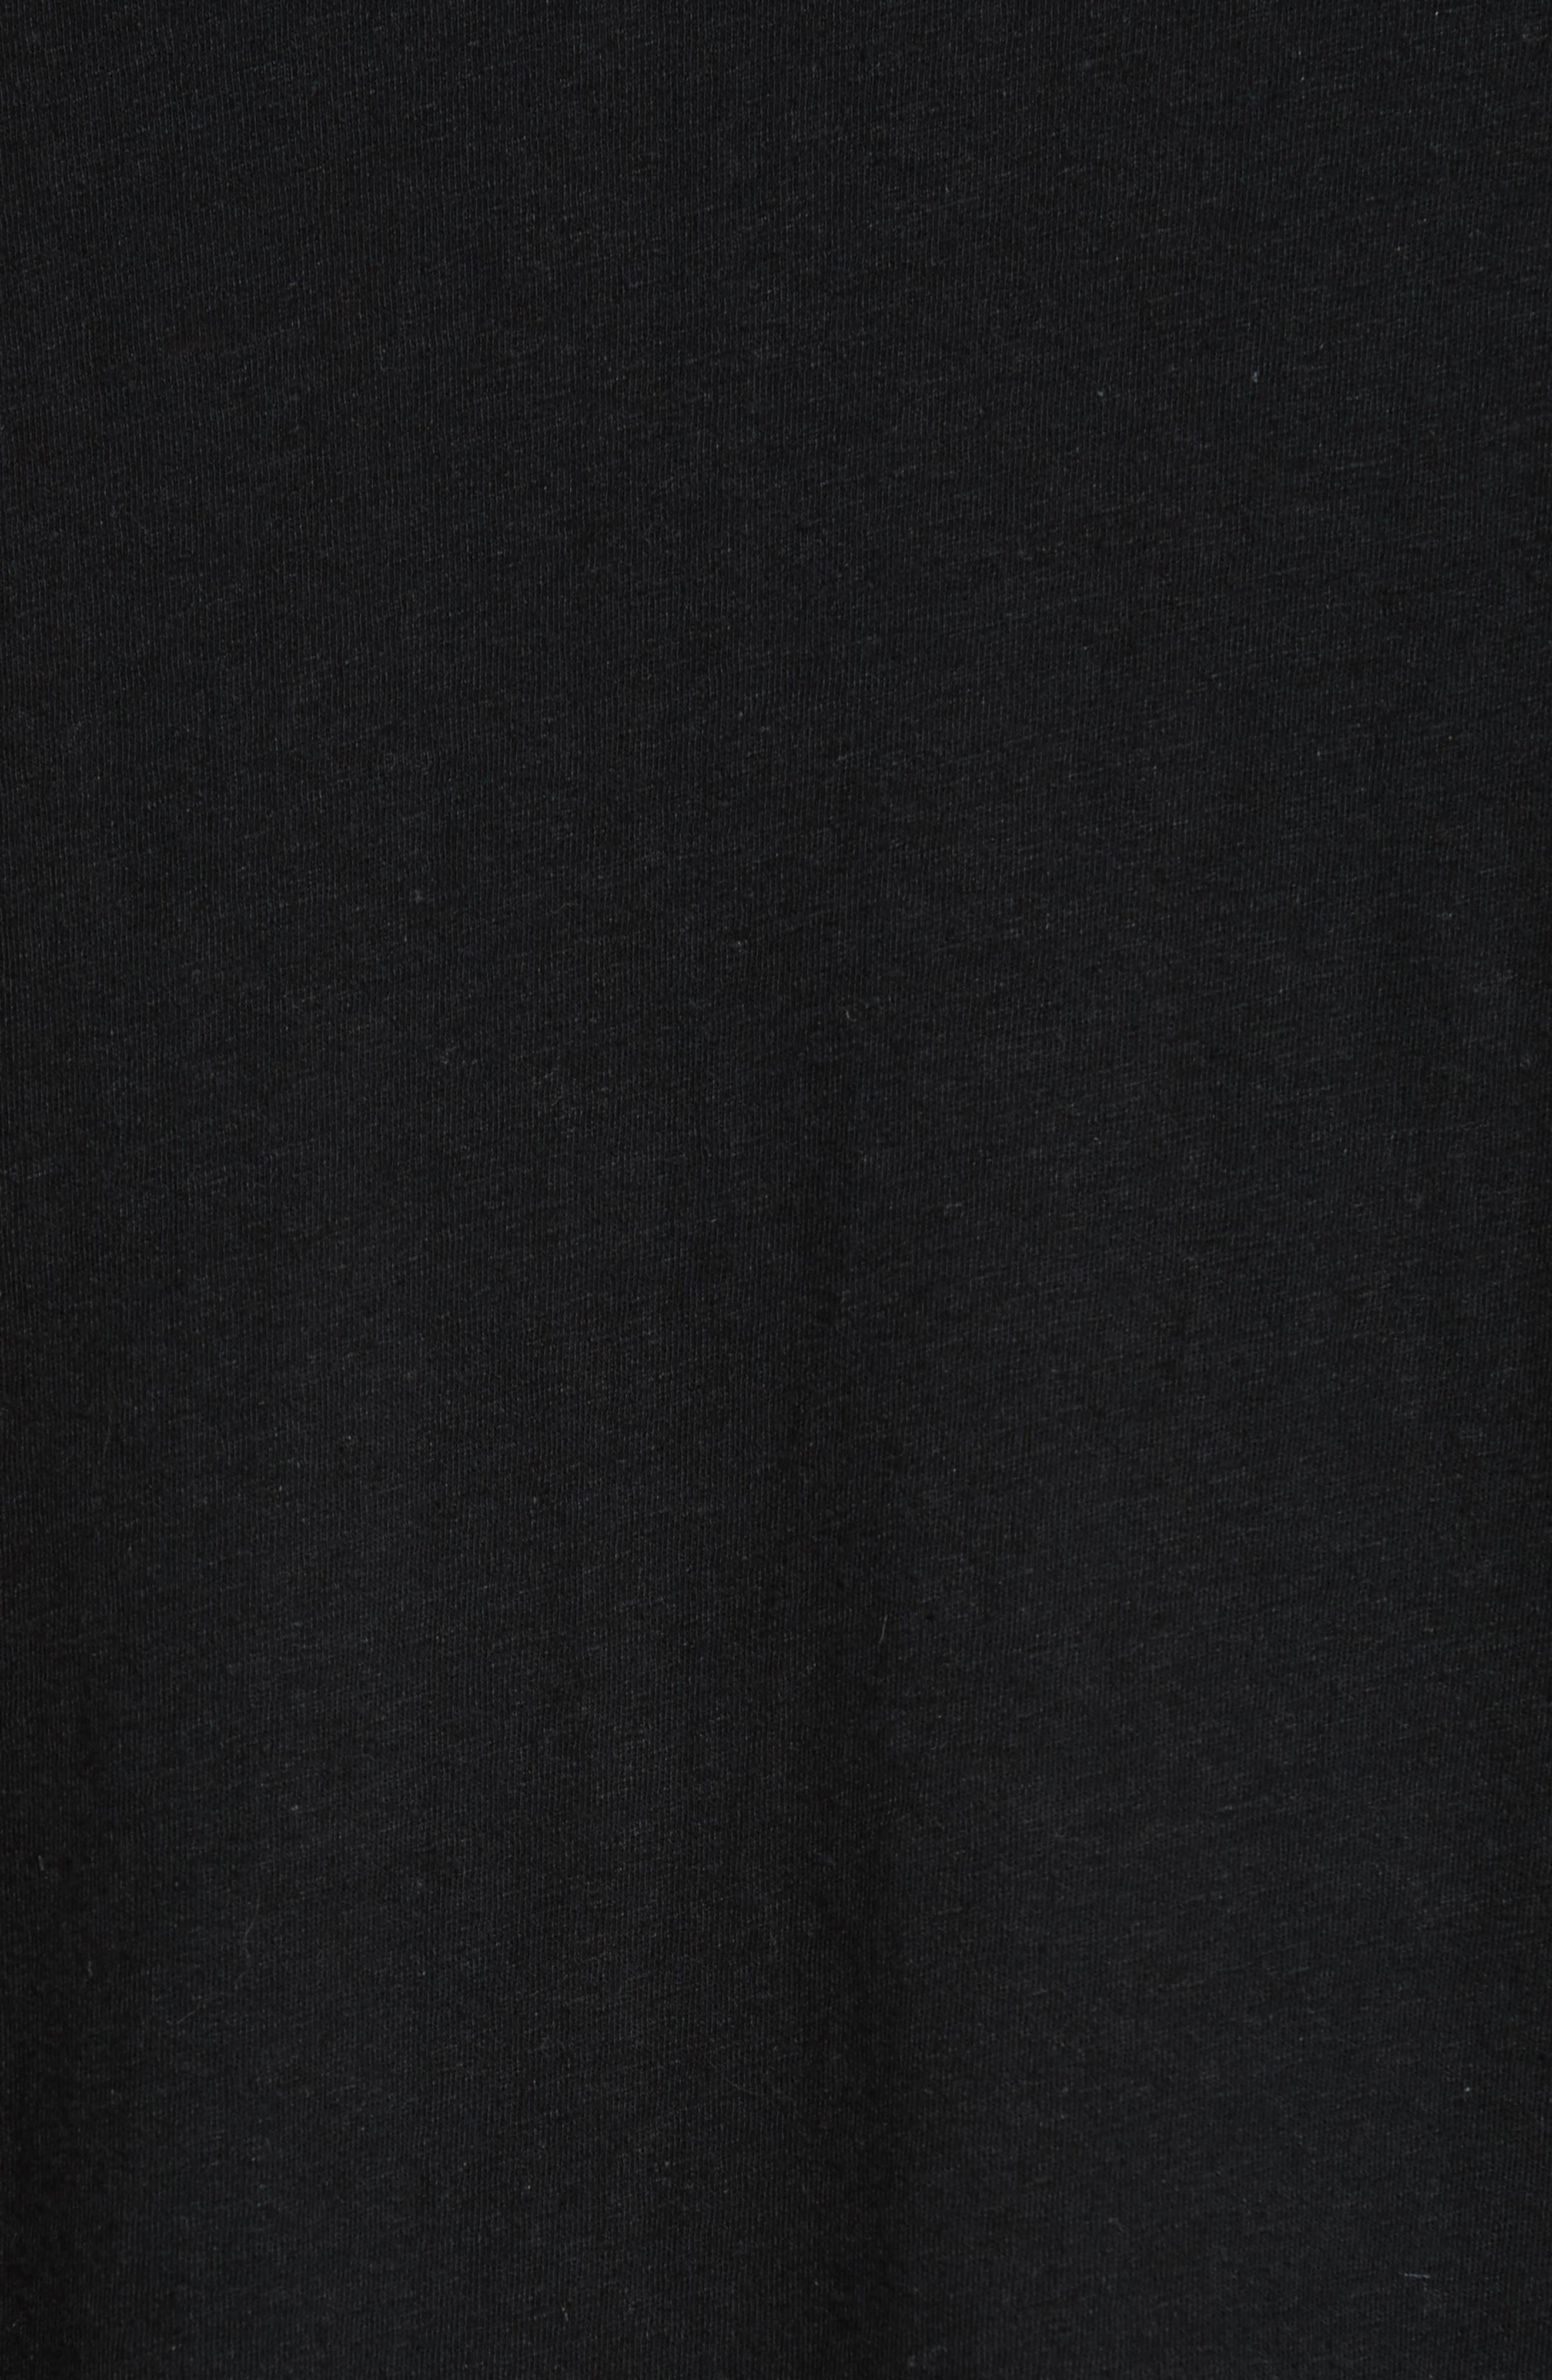 Linen Blend Jersey Long Sleeve T-Shirt,                             Alternate thumbnail 5, color,                             001